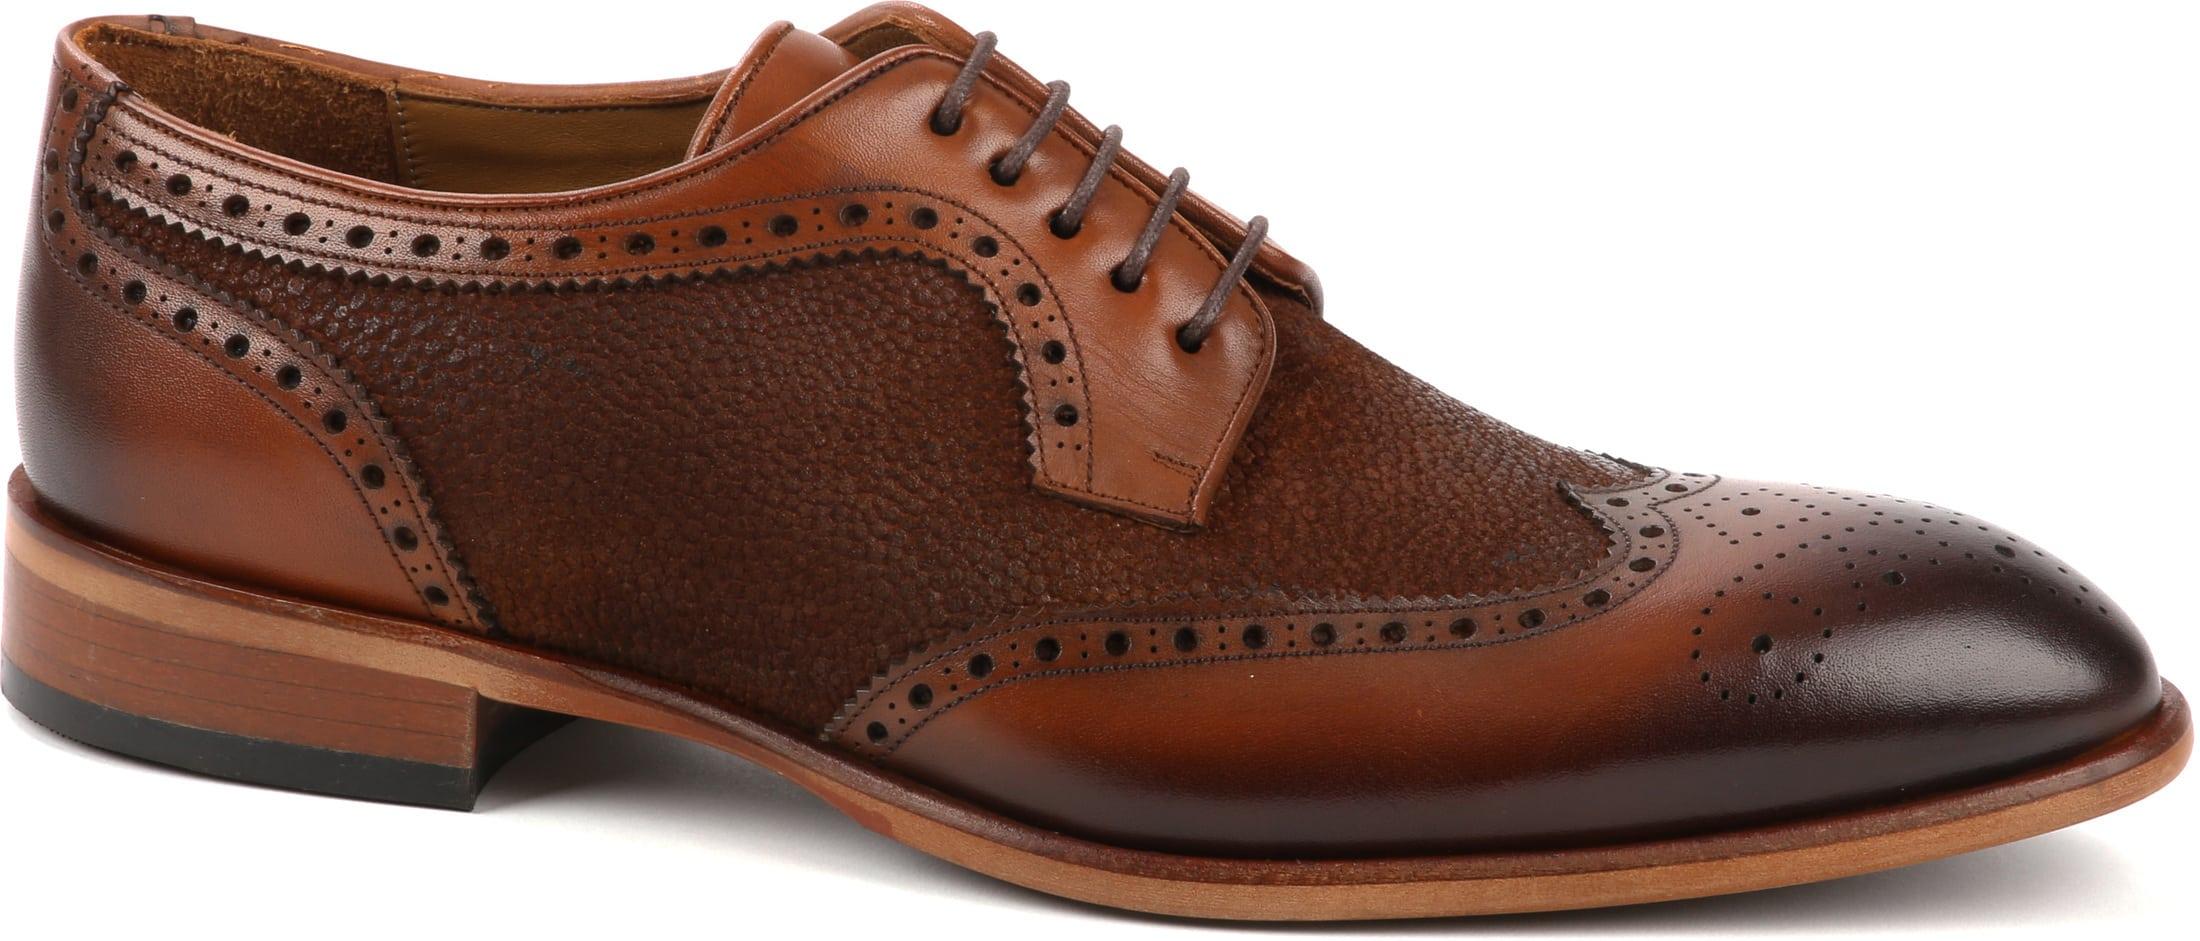 Suitable Leather Shoe Dessin Cognac foto 0